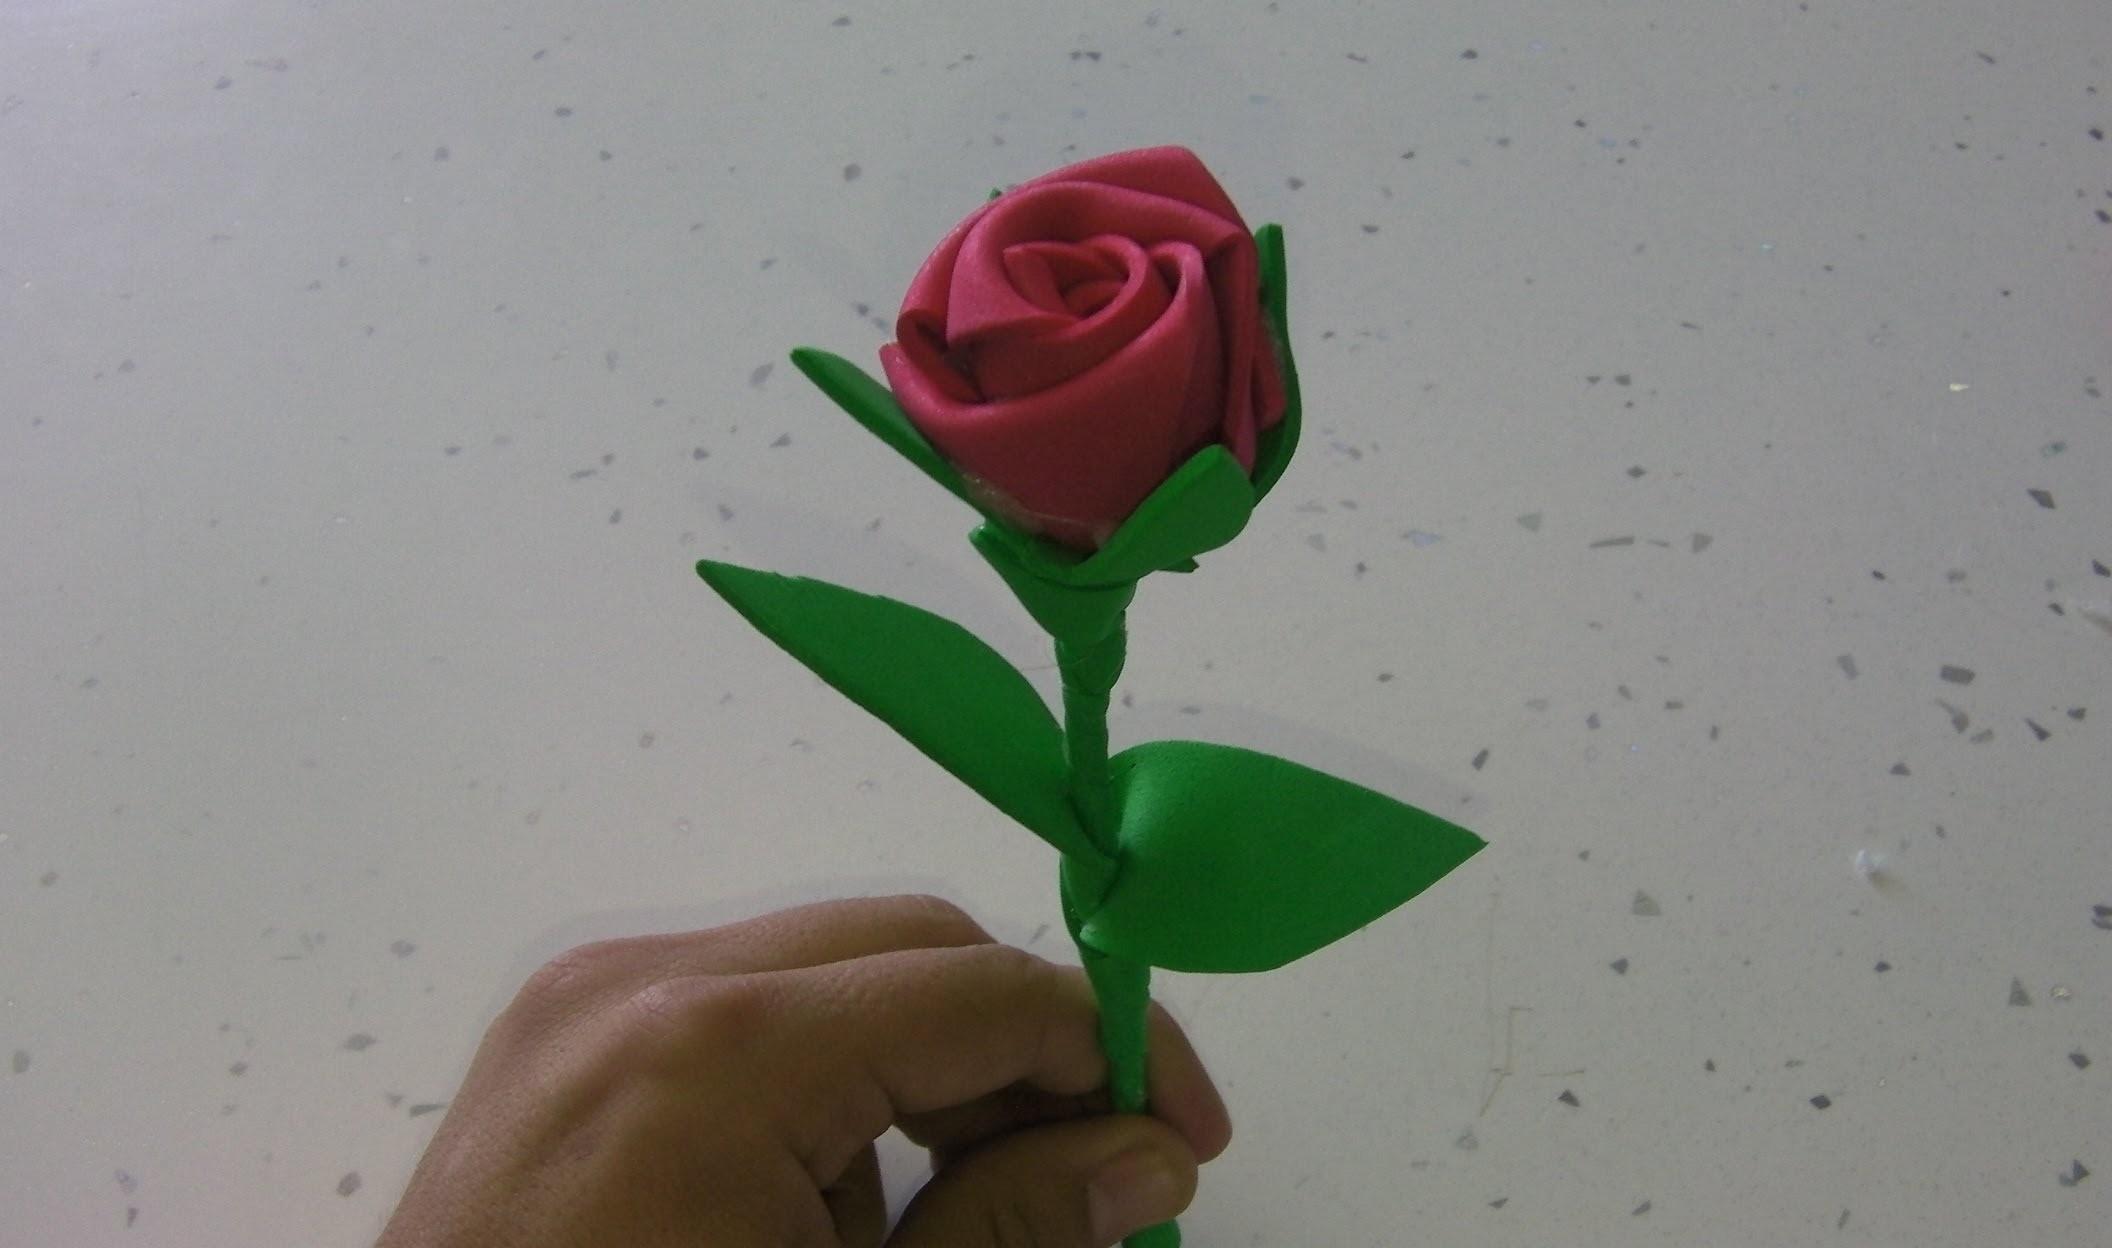 Manualidades: rosa de goma eva paso a paso  (rose foamy)